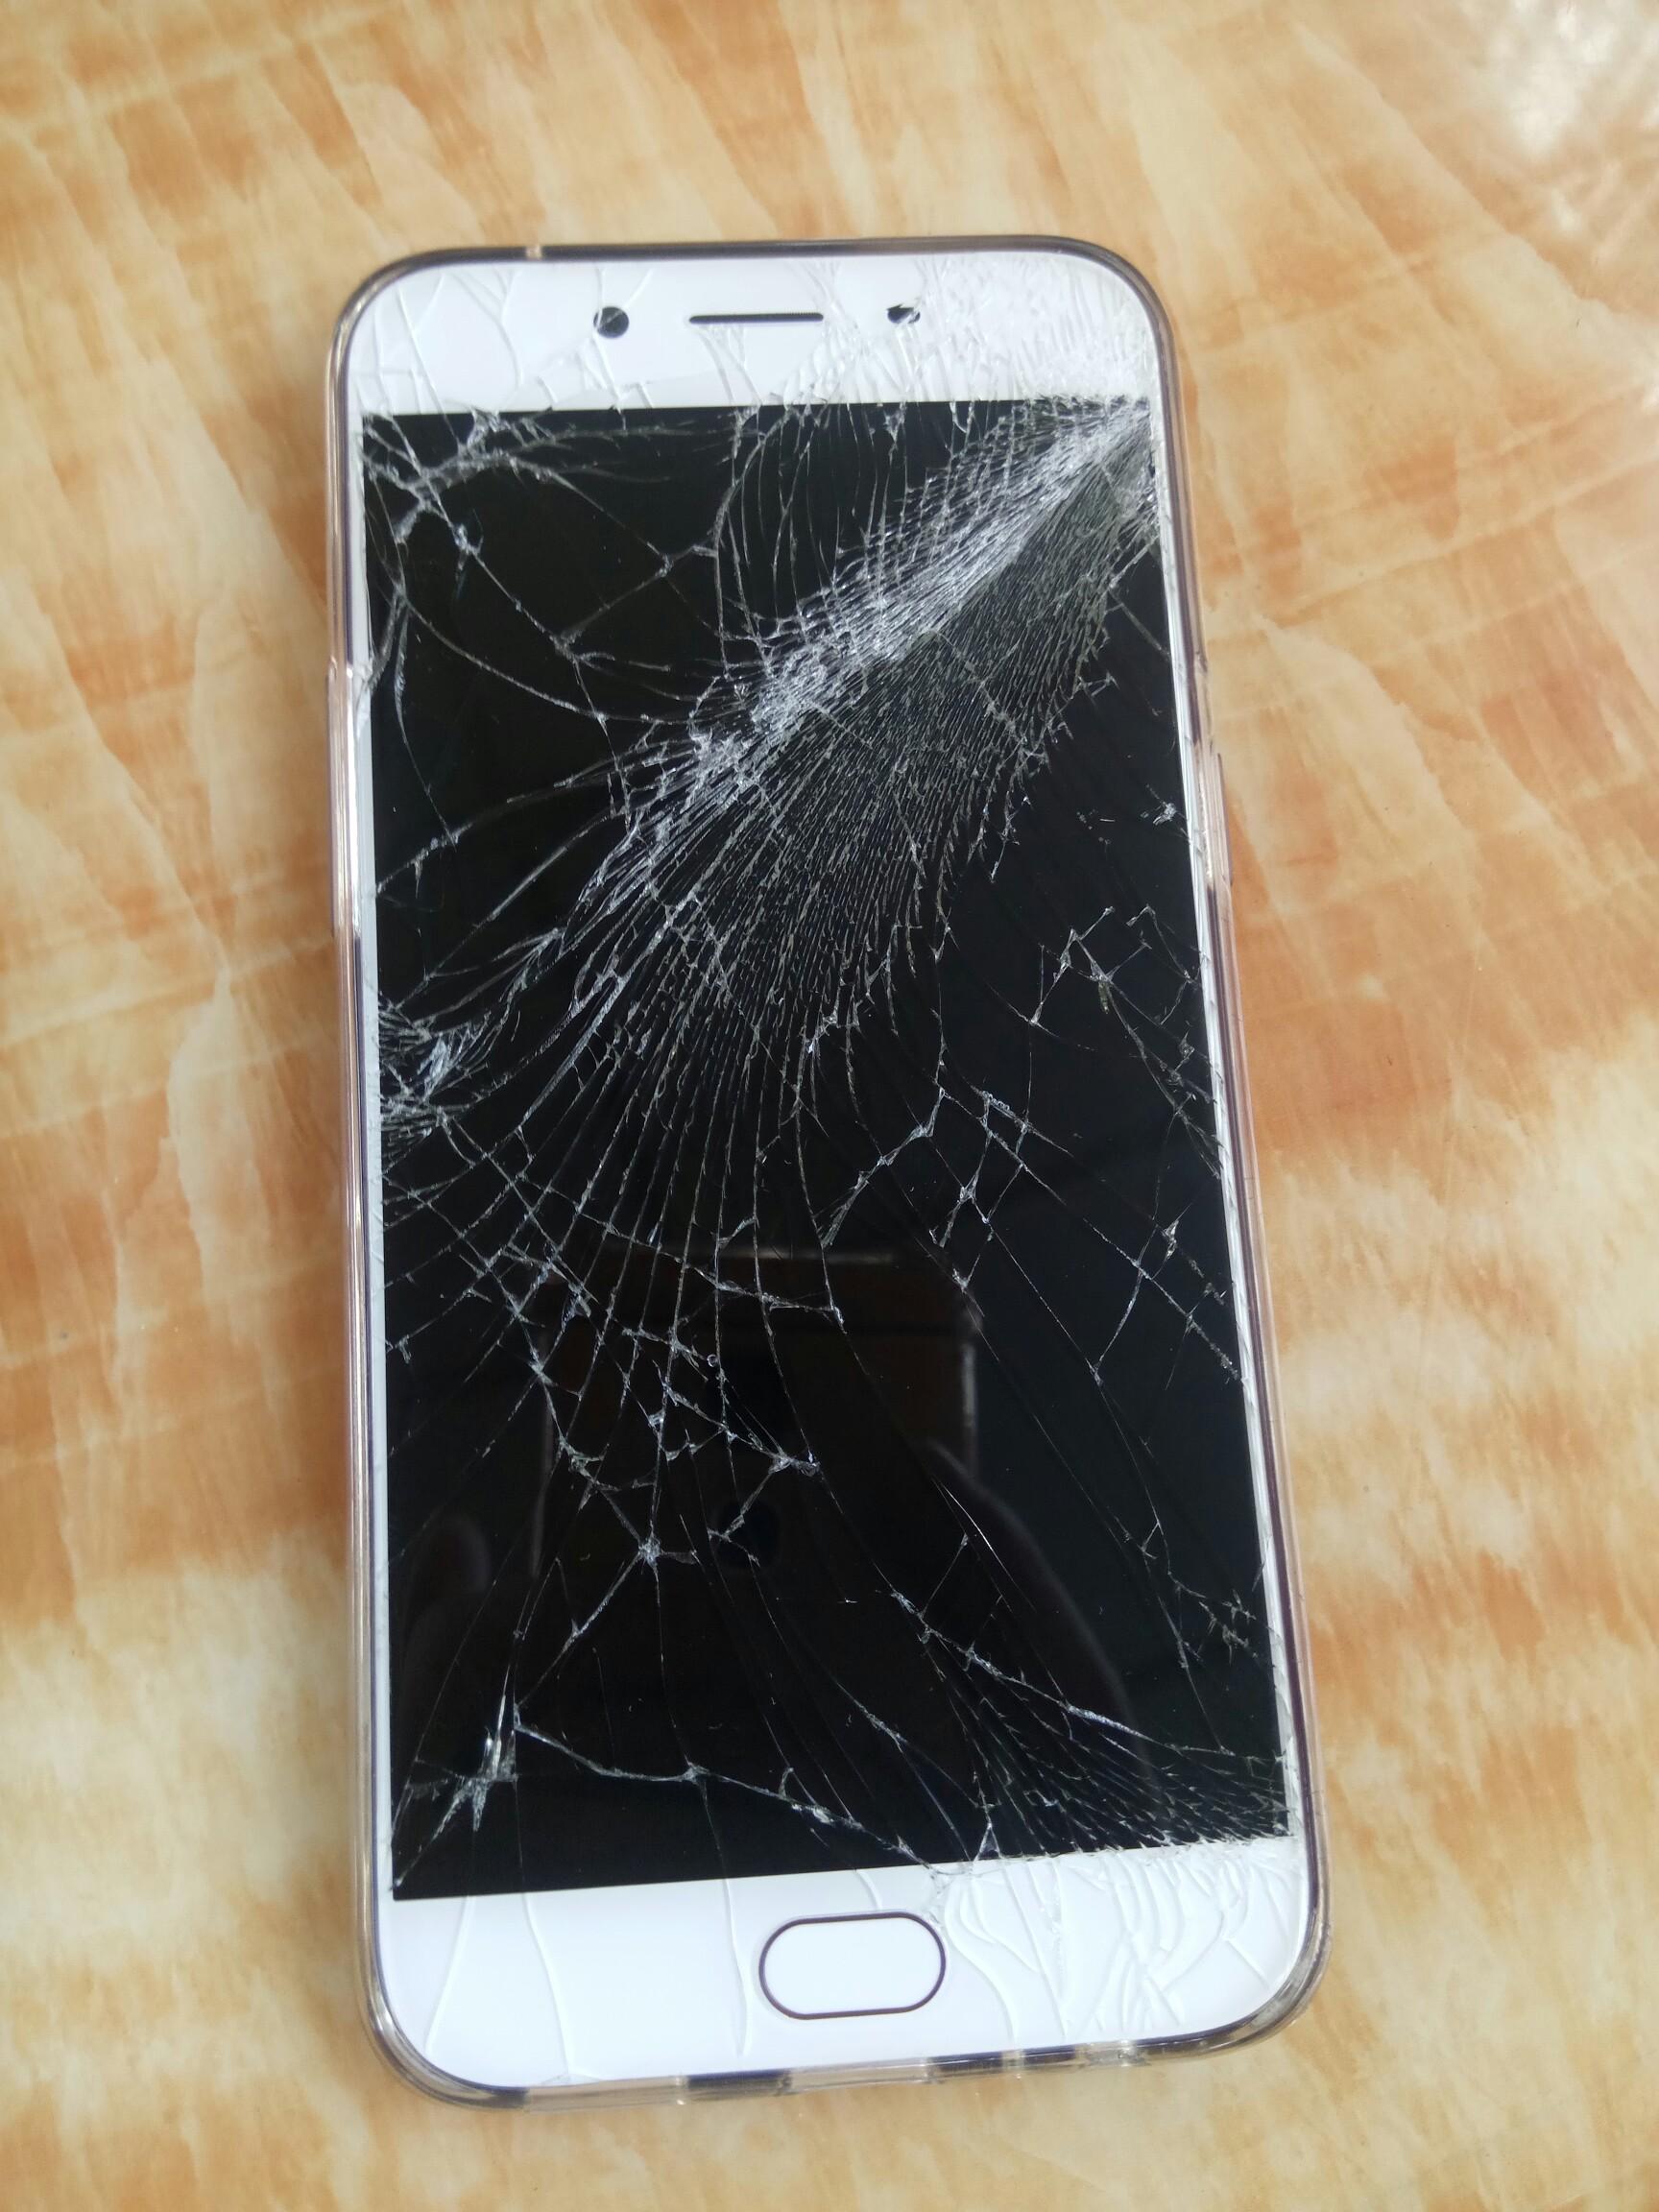 oppo手机屏幕坏了怎么导出照片